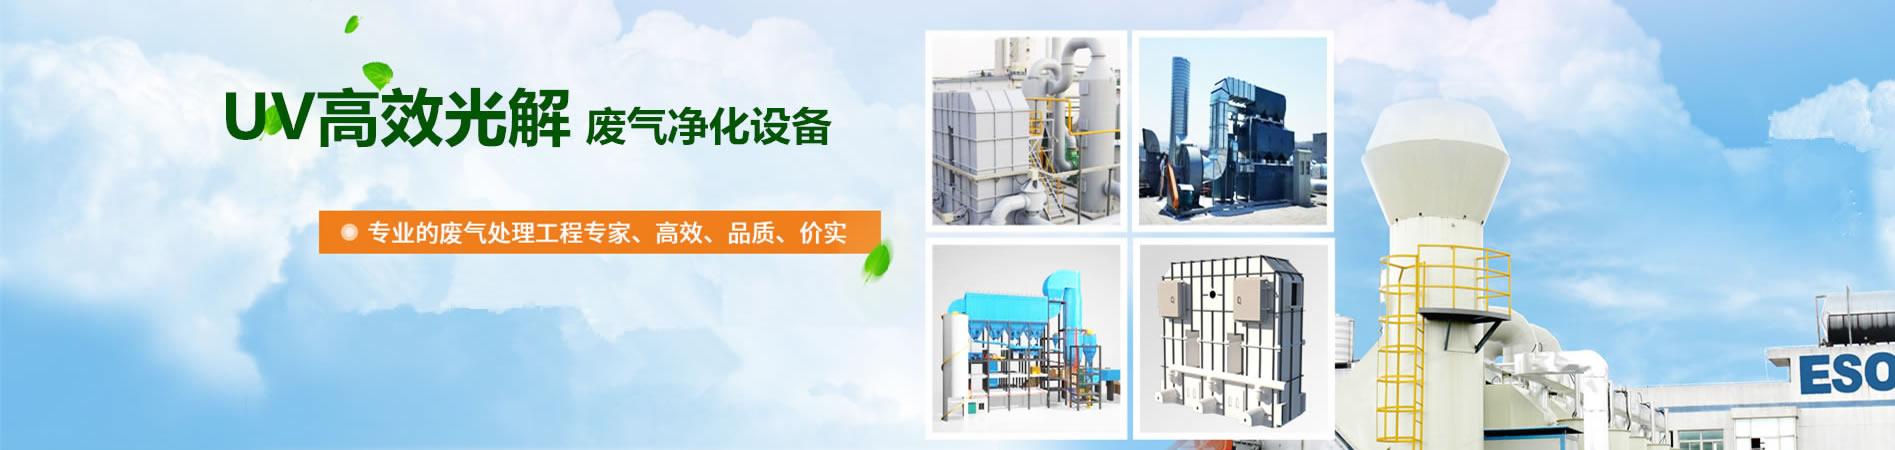 西安废气净化公司